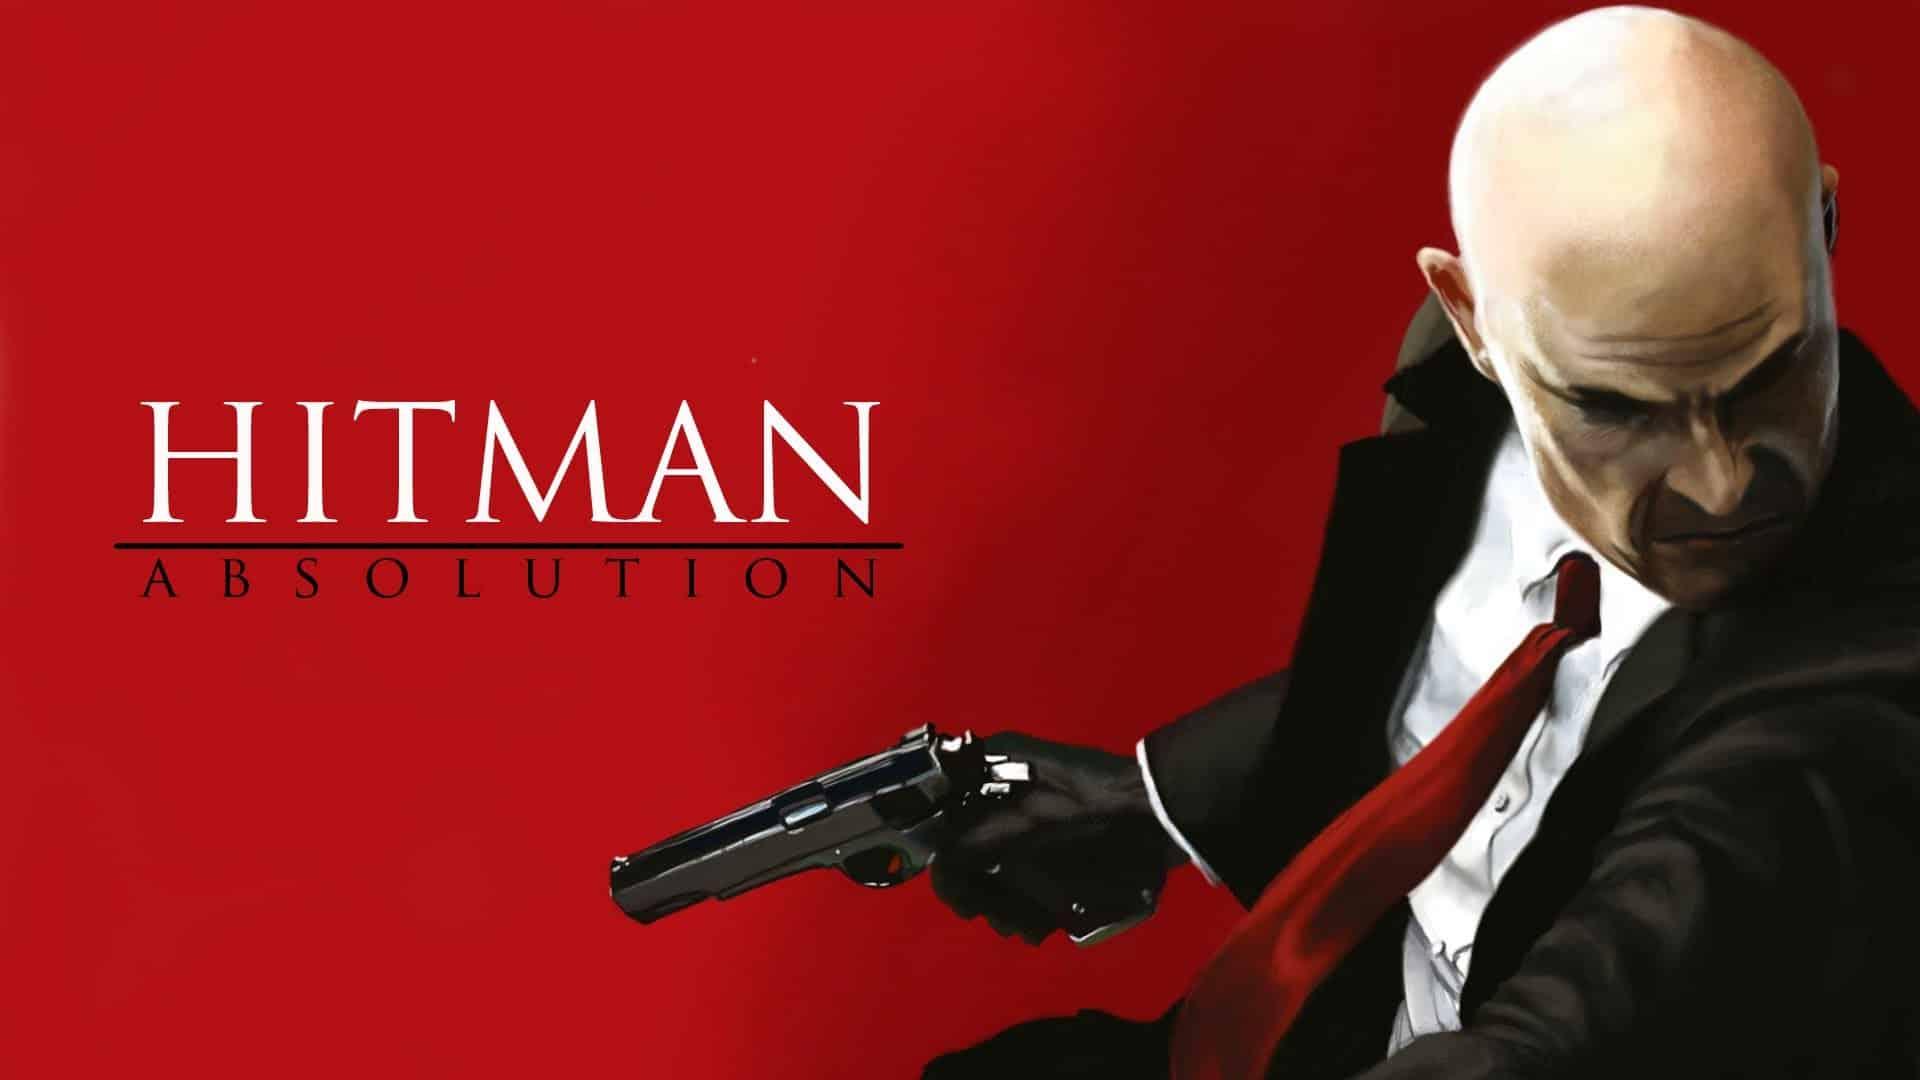 Hitman: Absolution telecharger gratuit de PC et Torrent